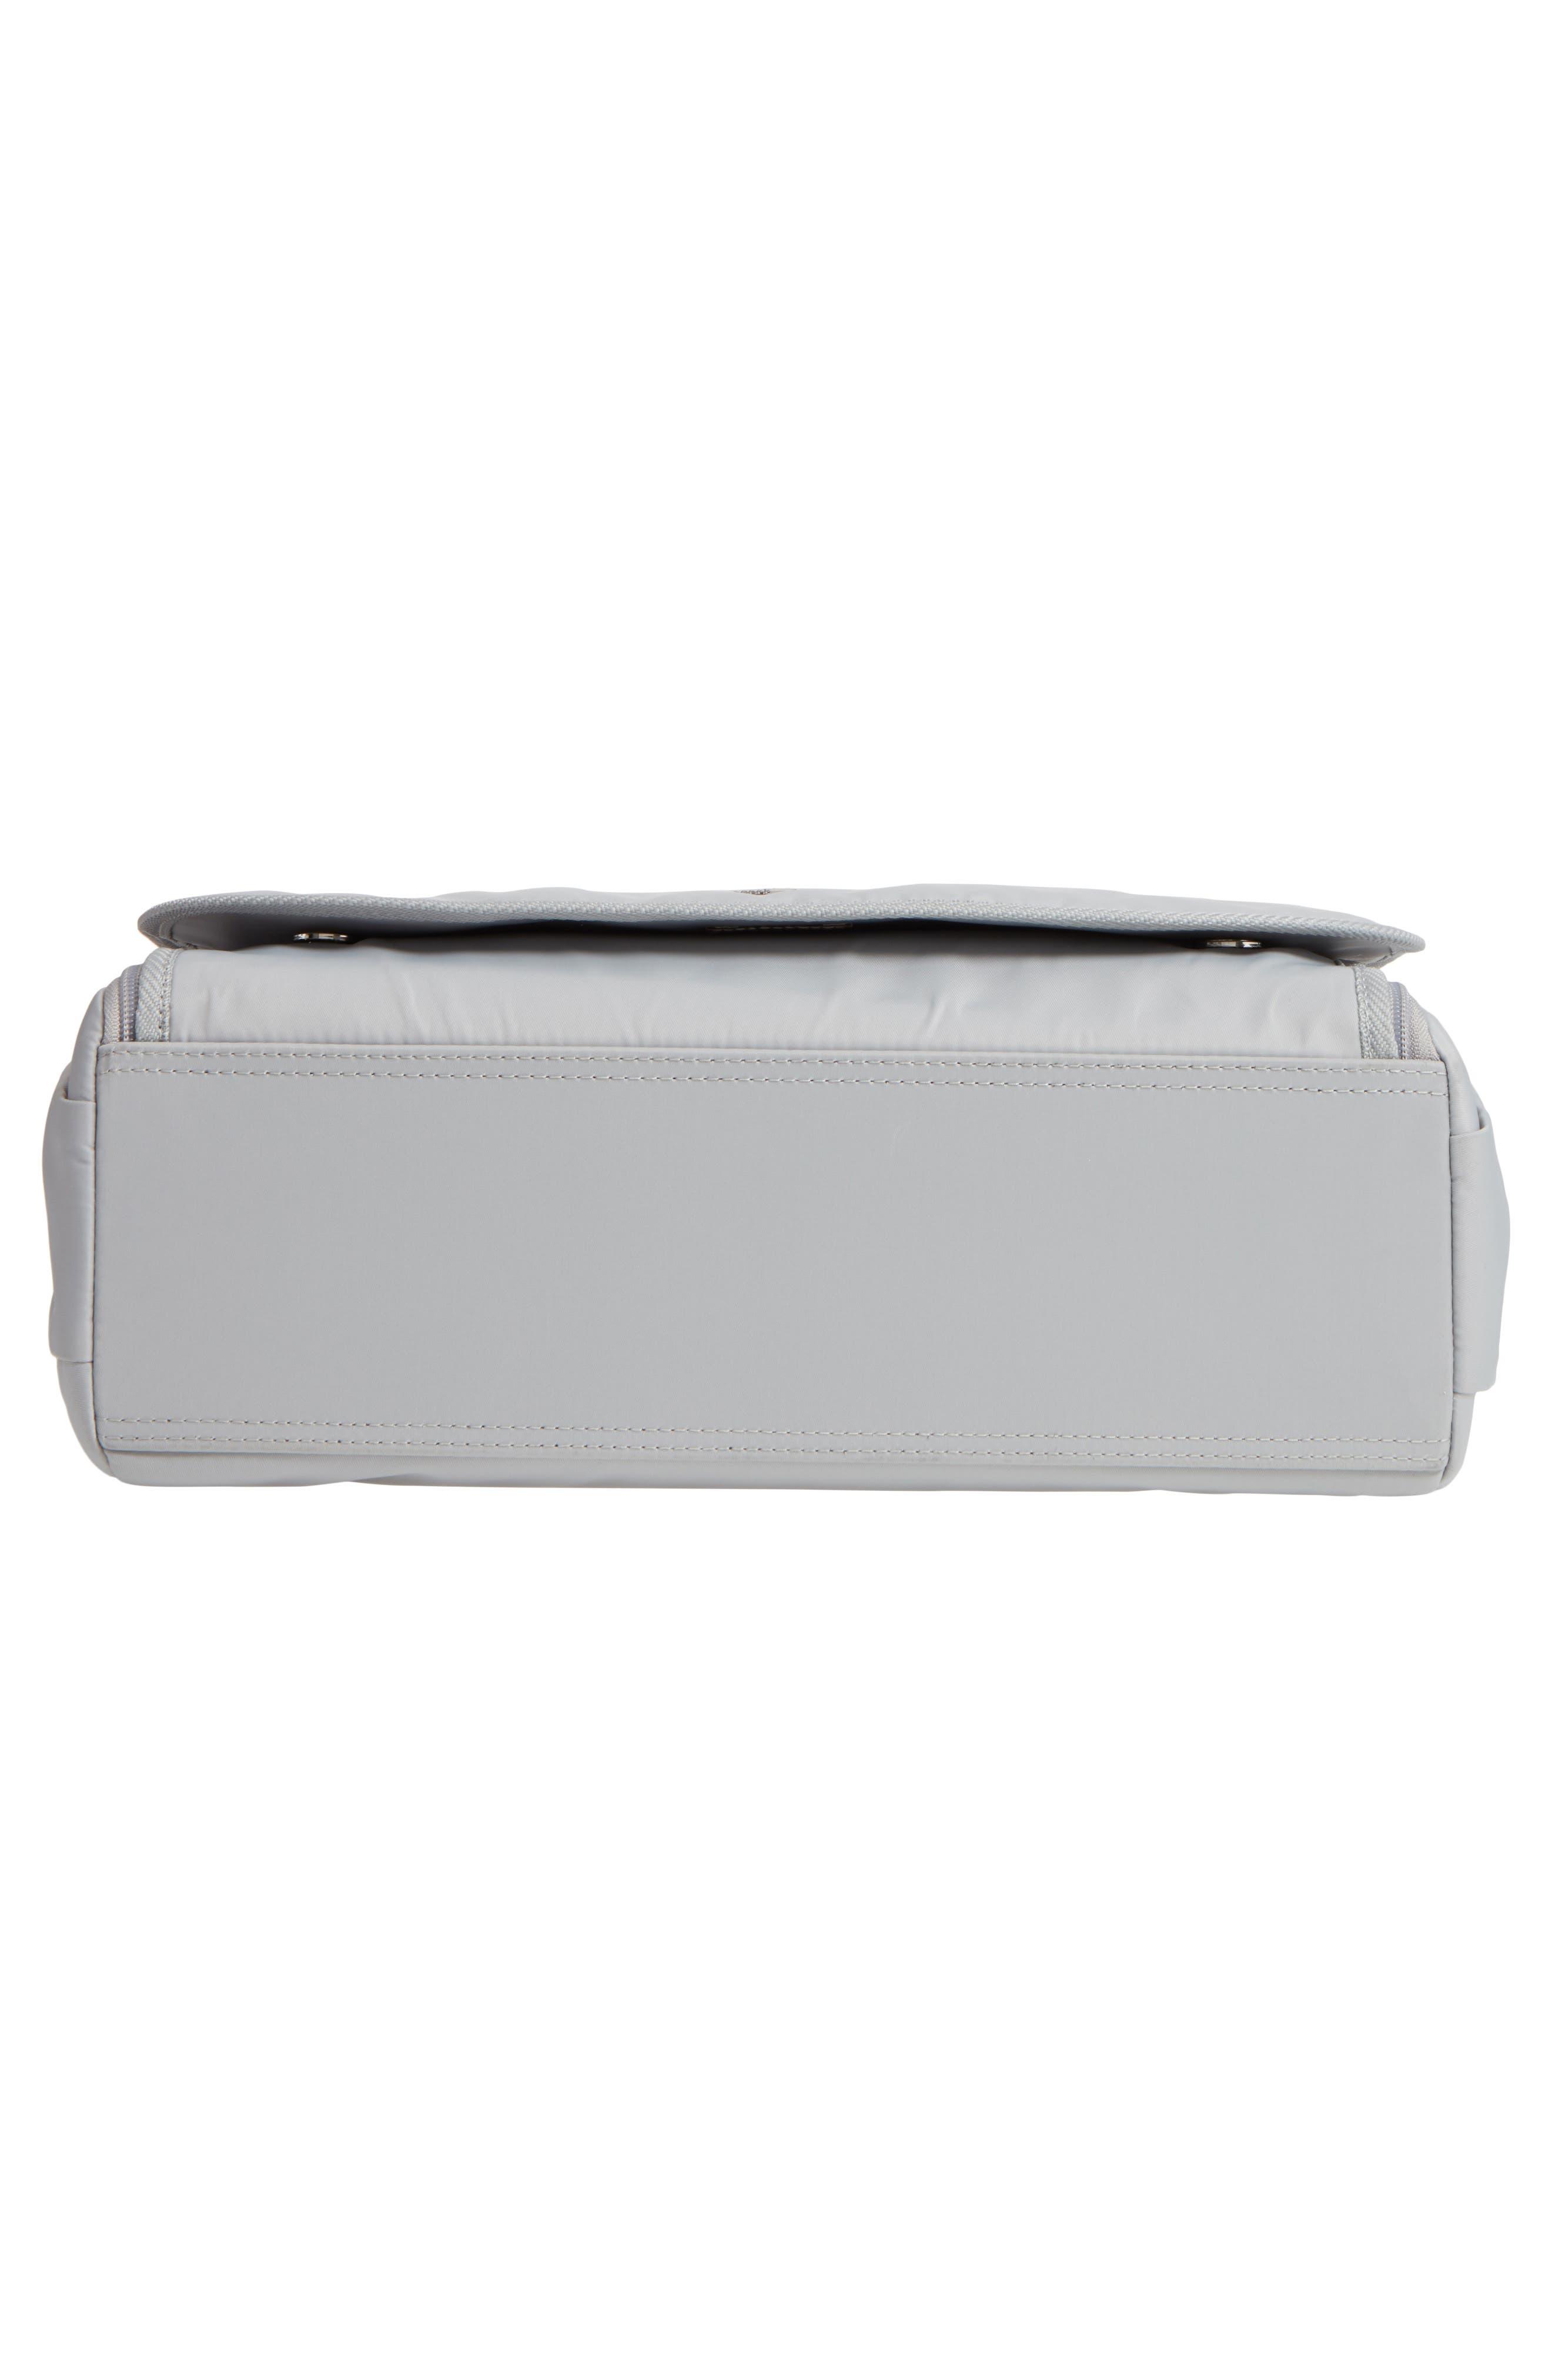 Nylon Messenger Diaper Bag,                             Alternate thumbnail 6, color,                             054